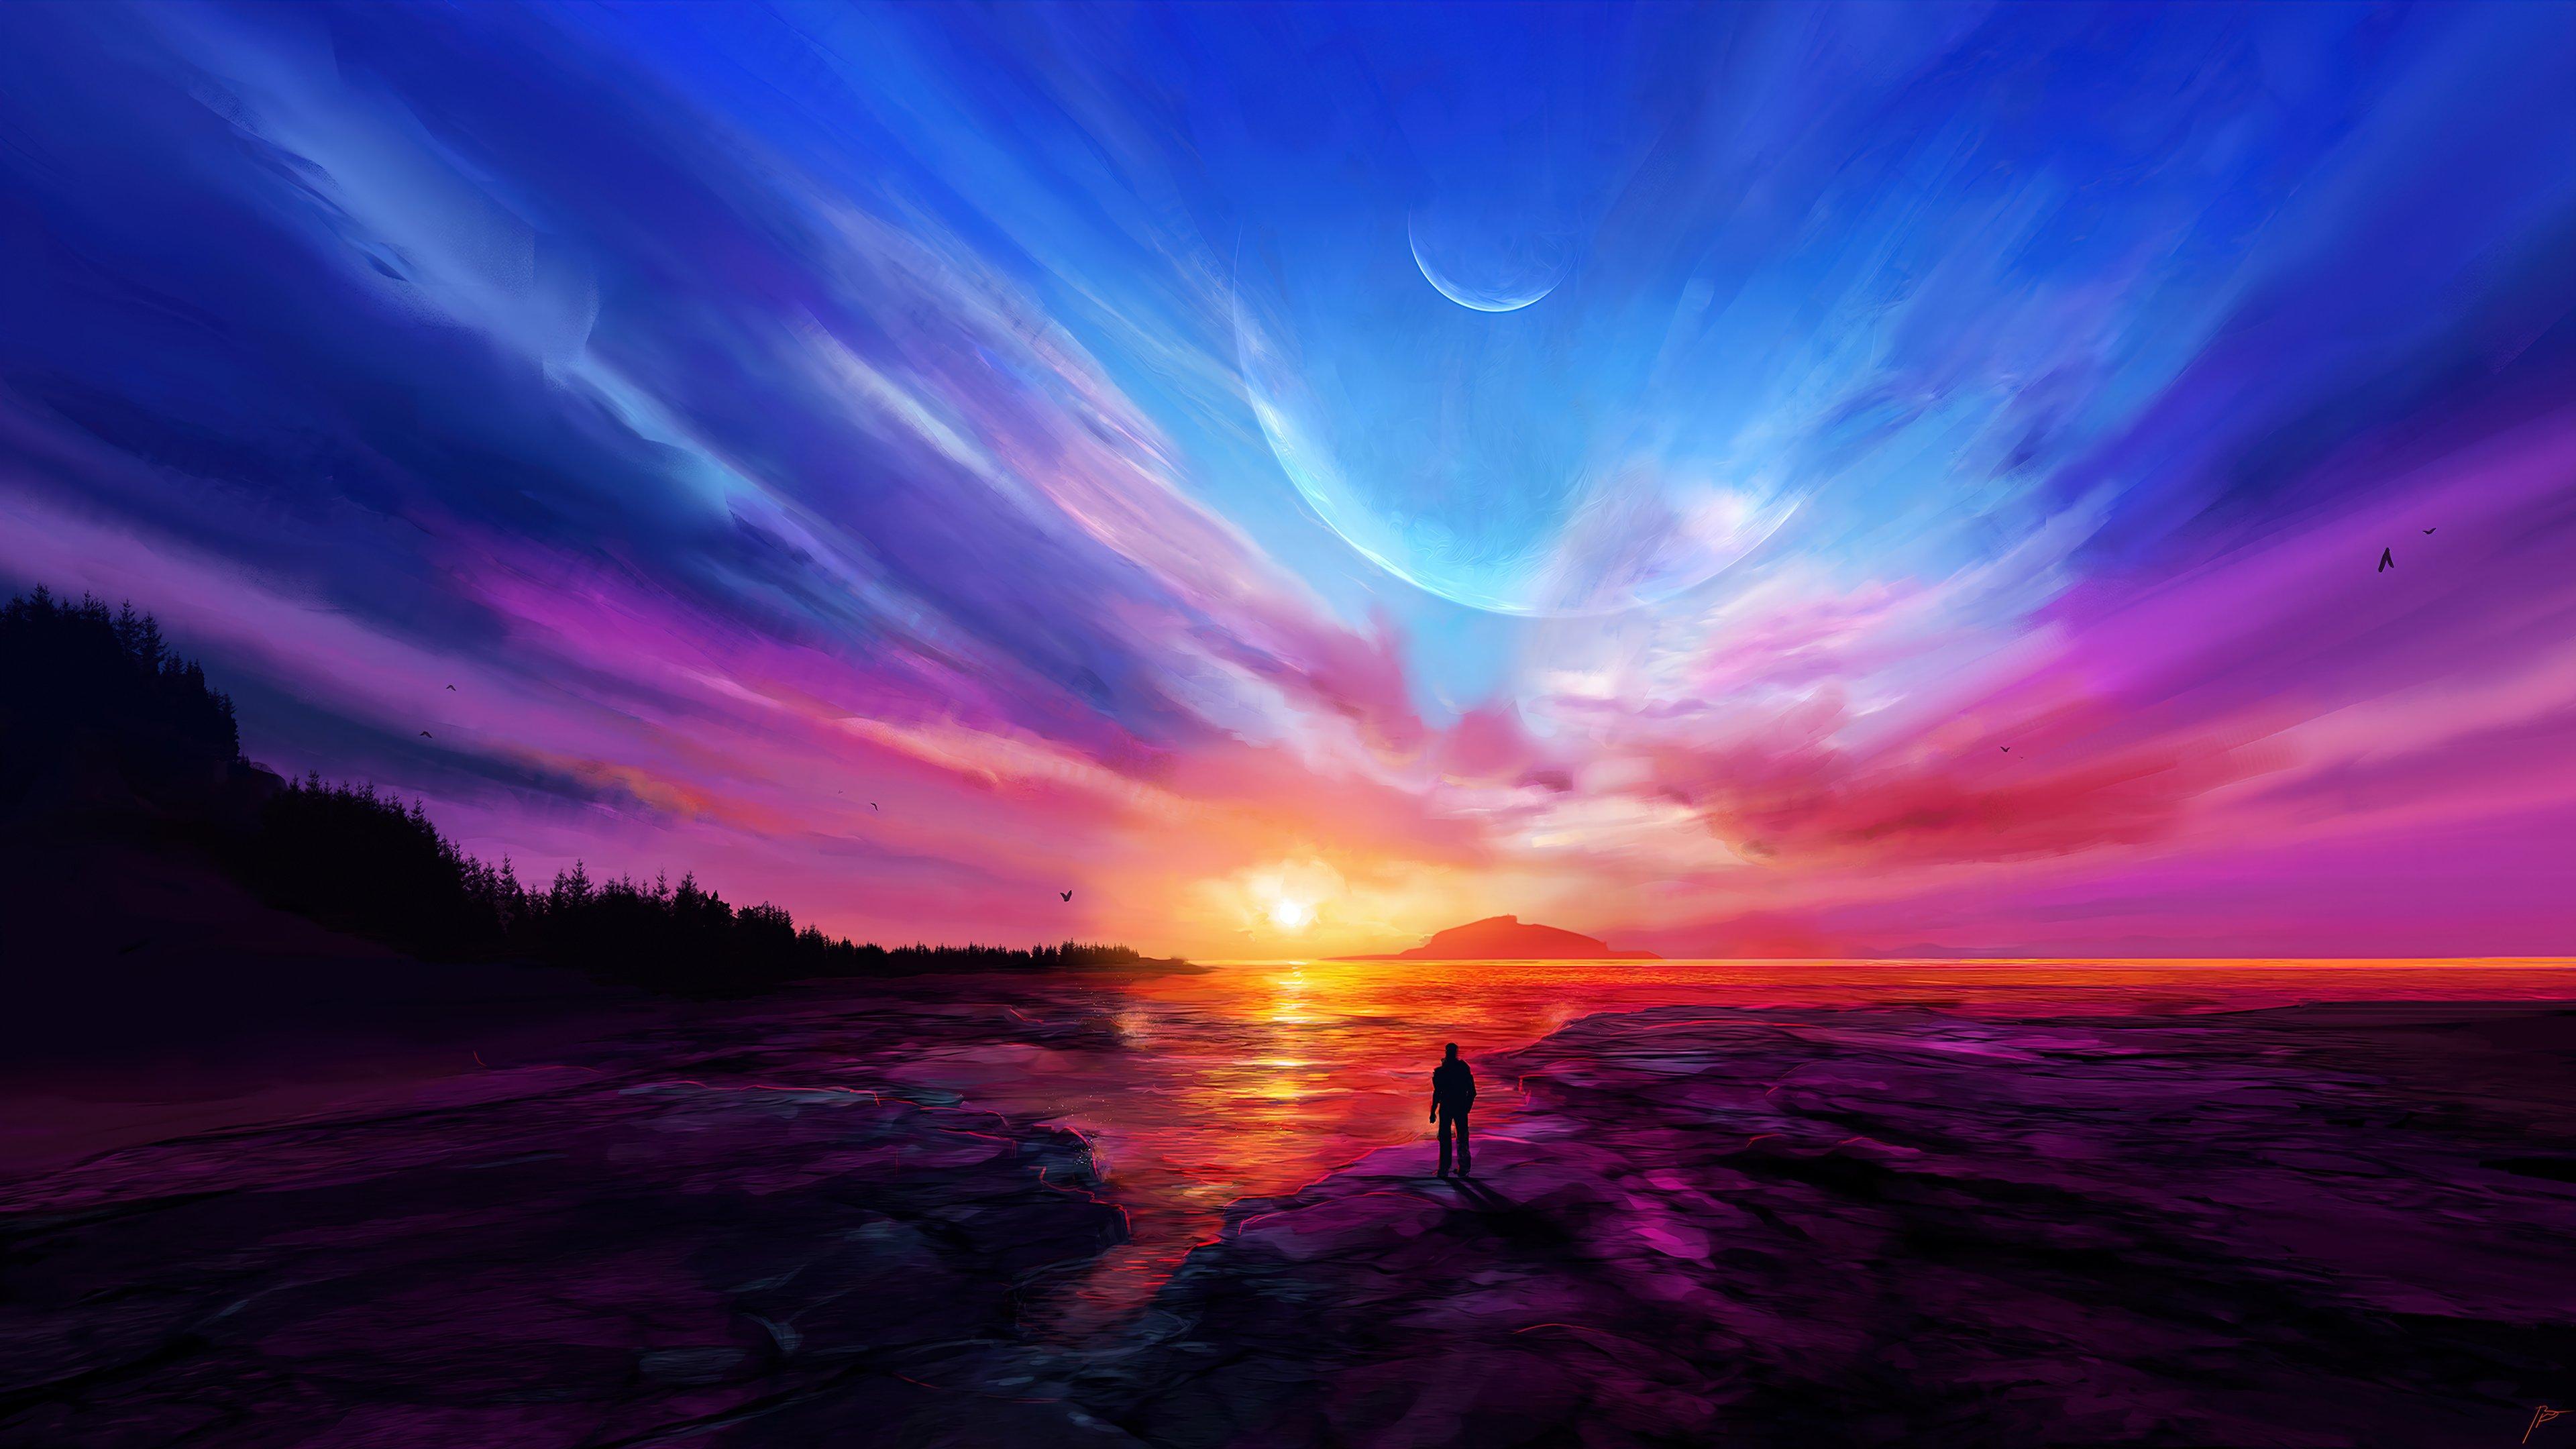 Wallpaper Impresive sunset